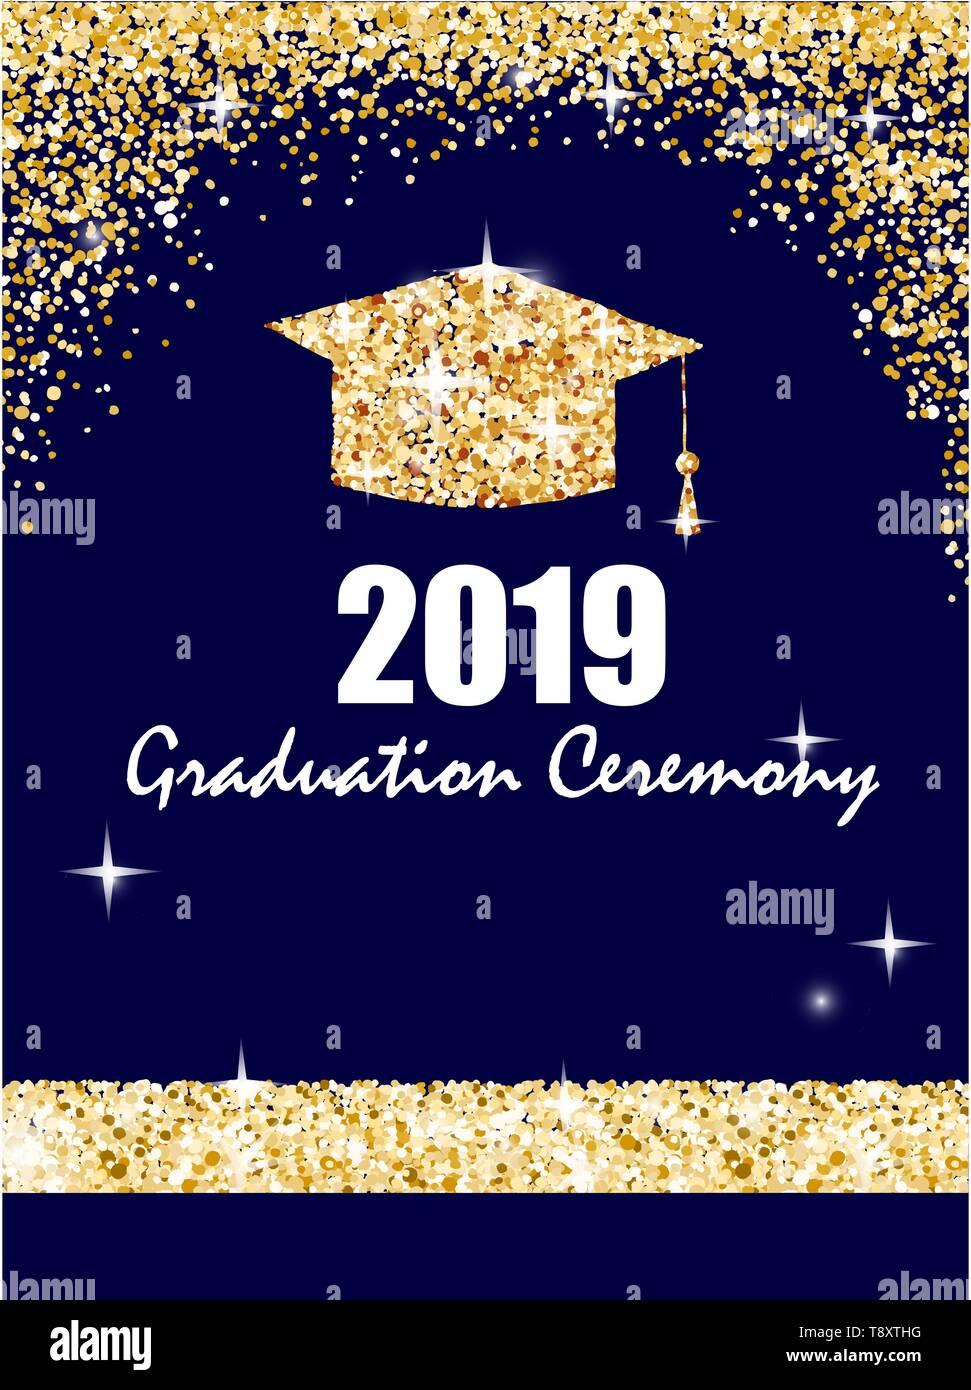 Imagenes Felicidades Graduado Graduación